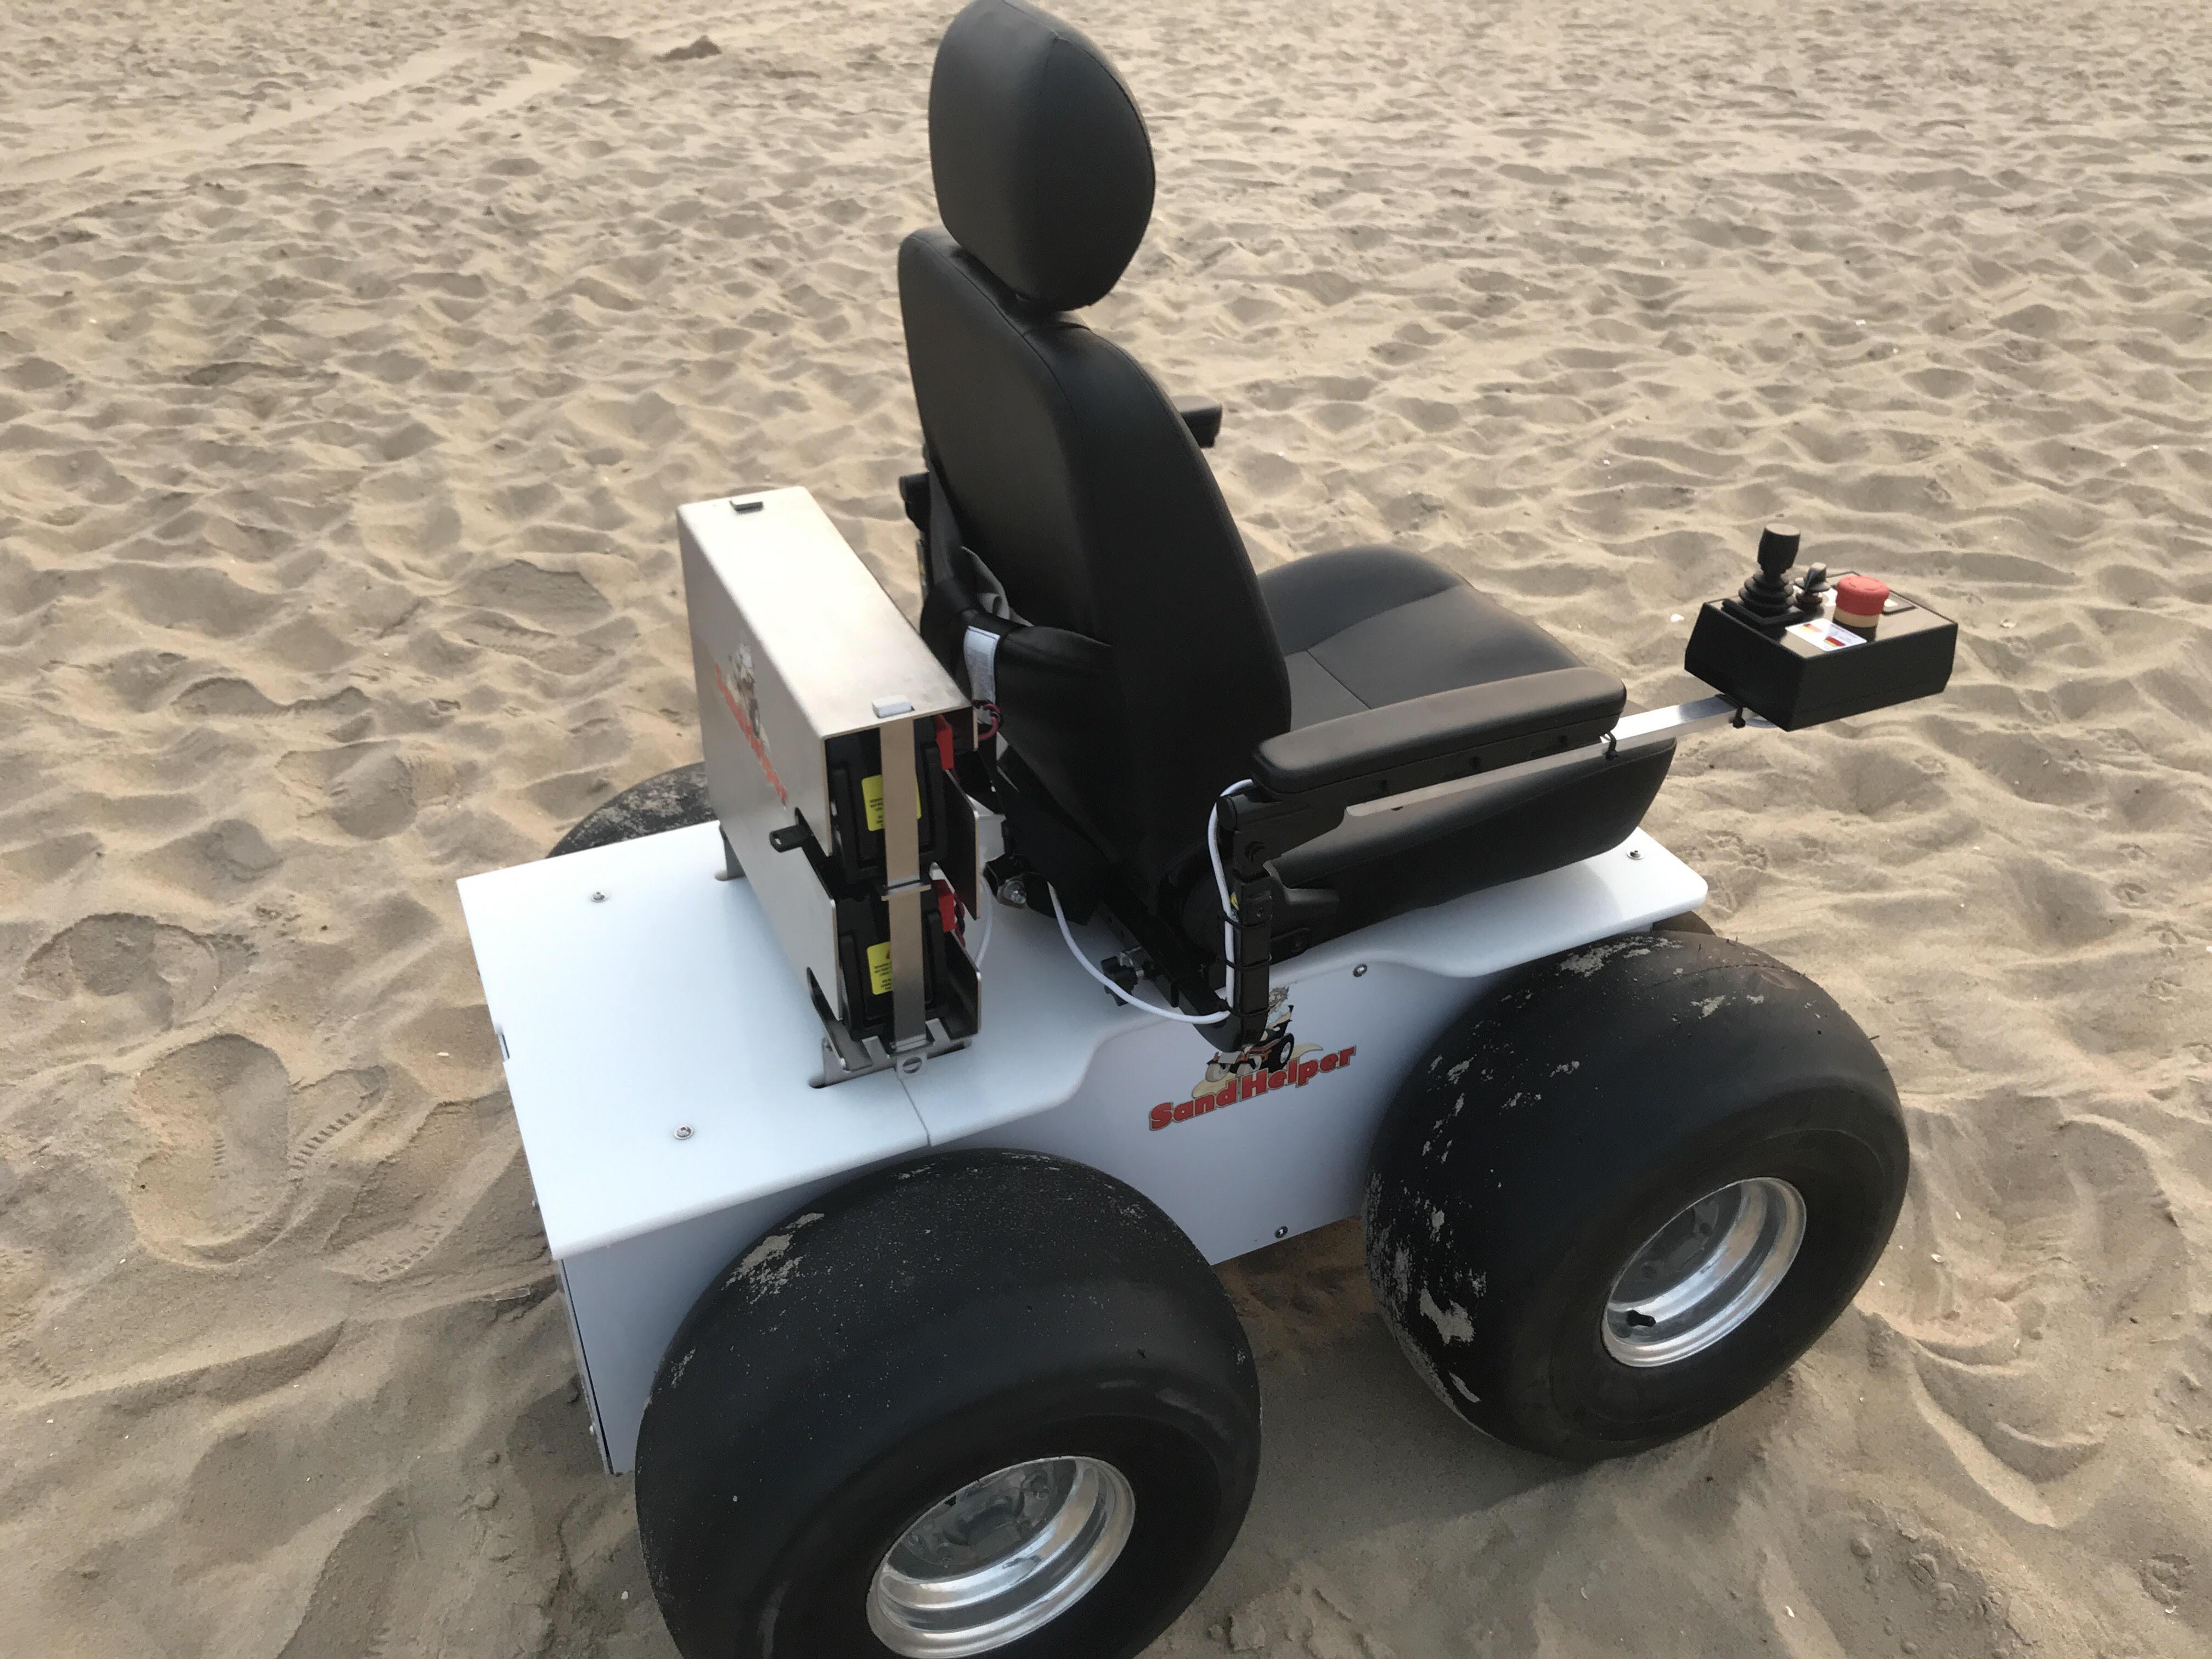 sand-helper-beach-wheelchair-rear-side-view